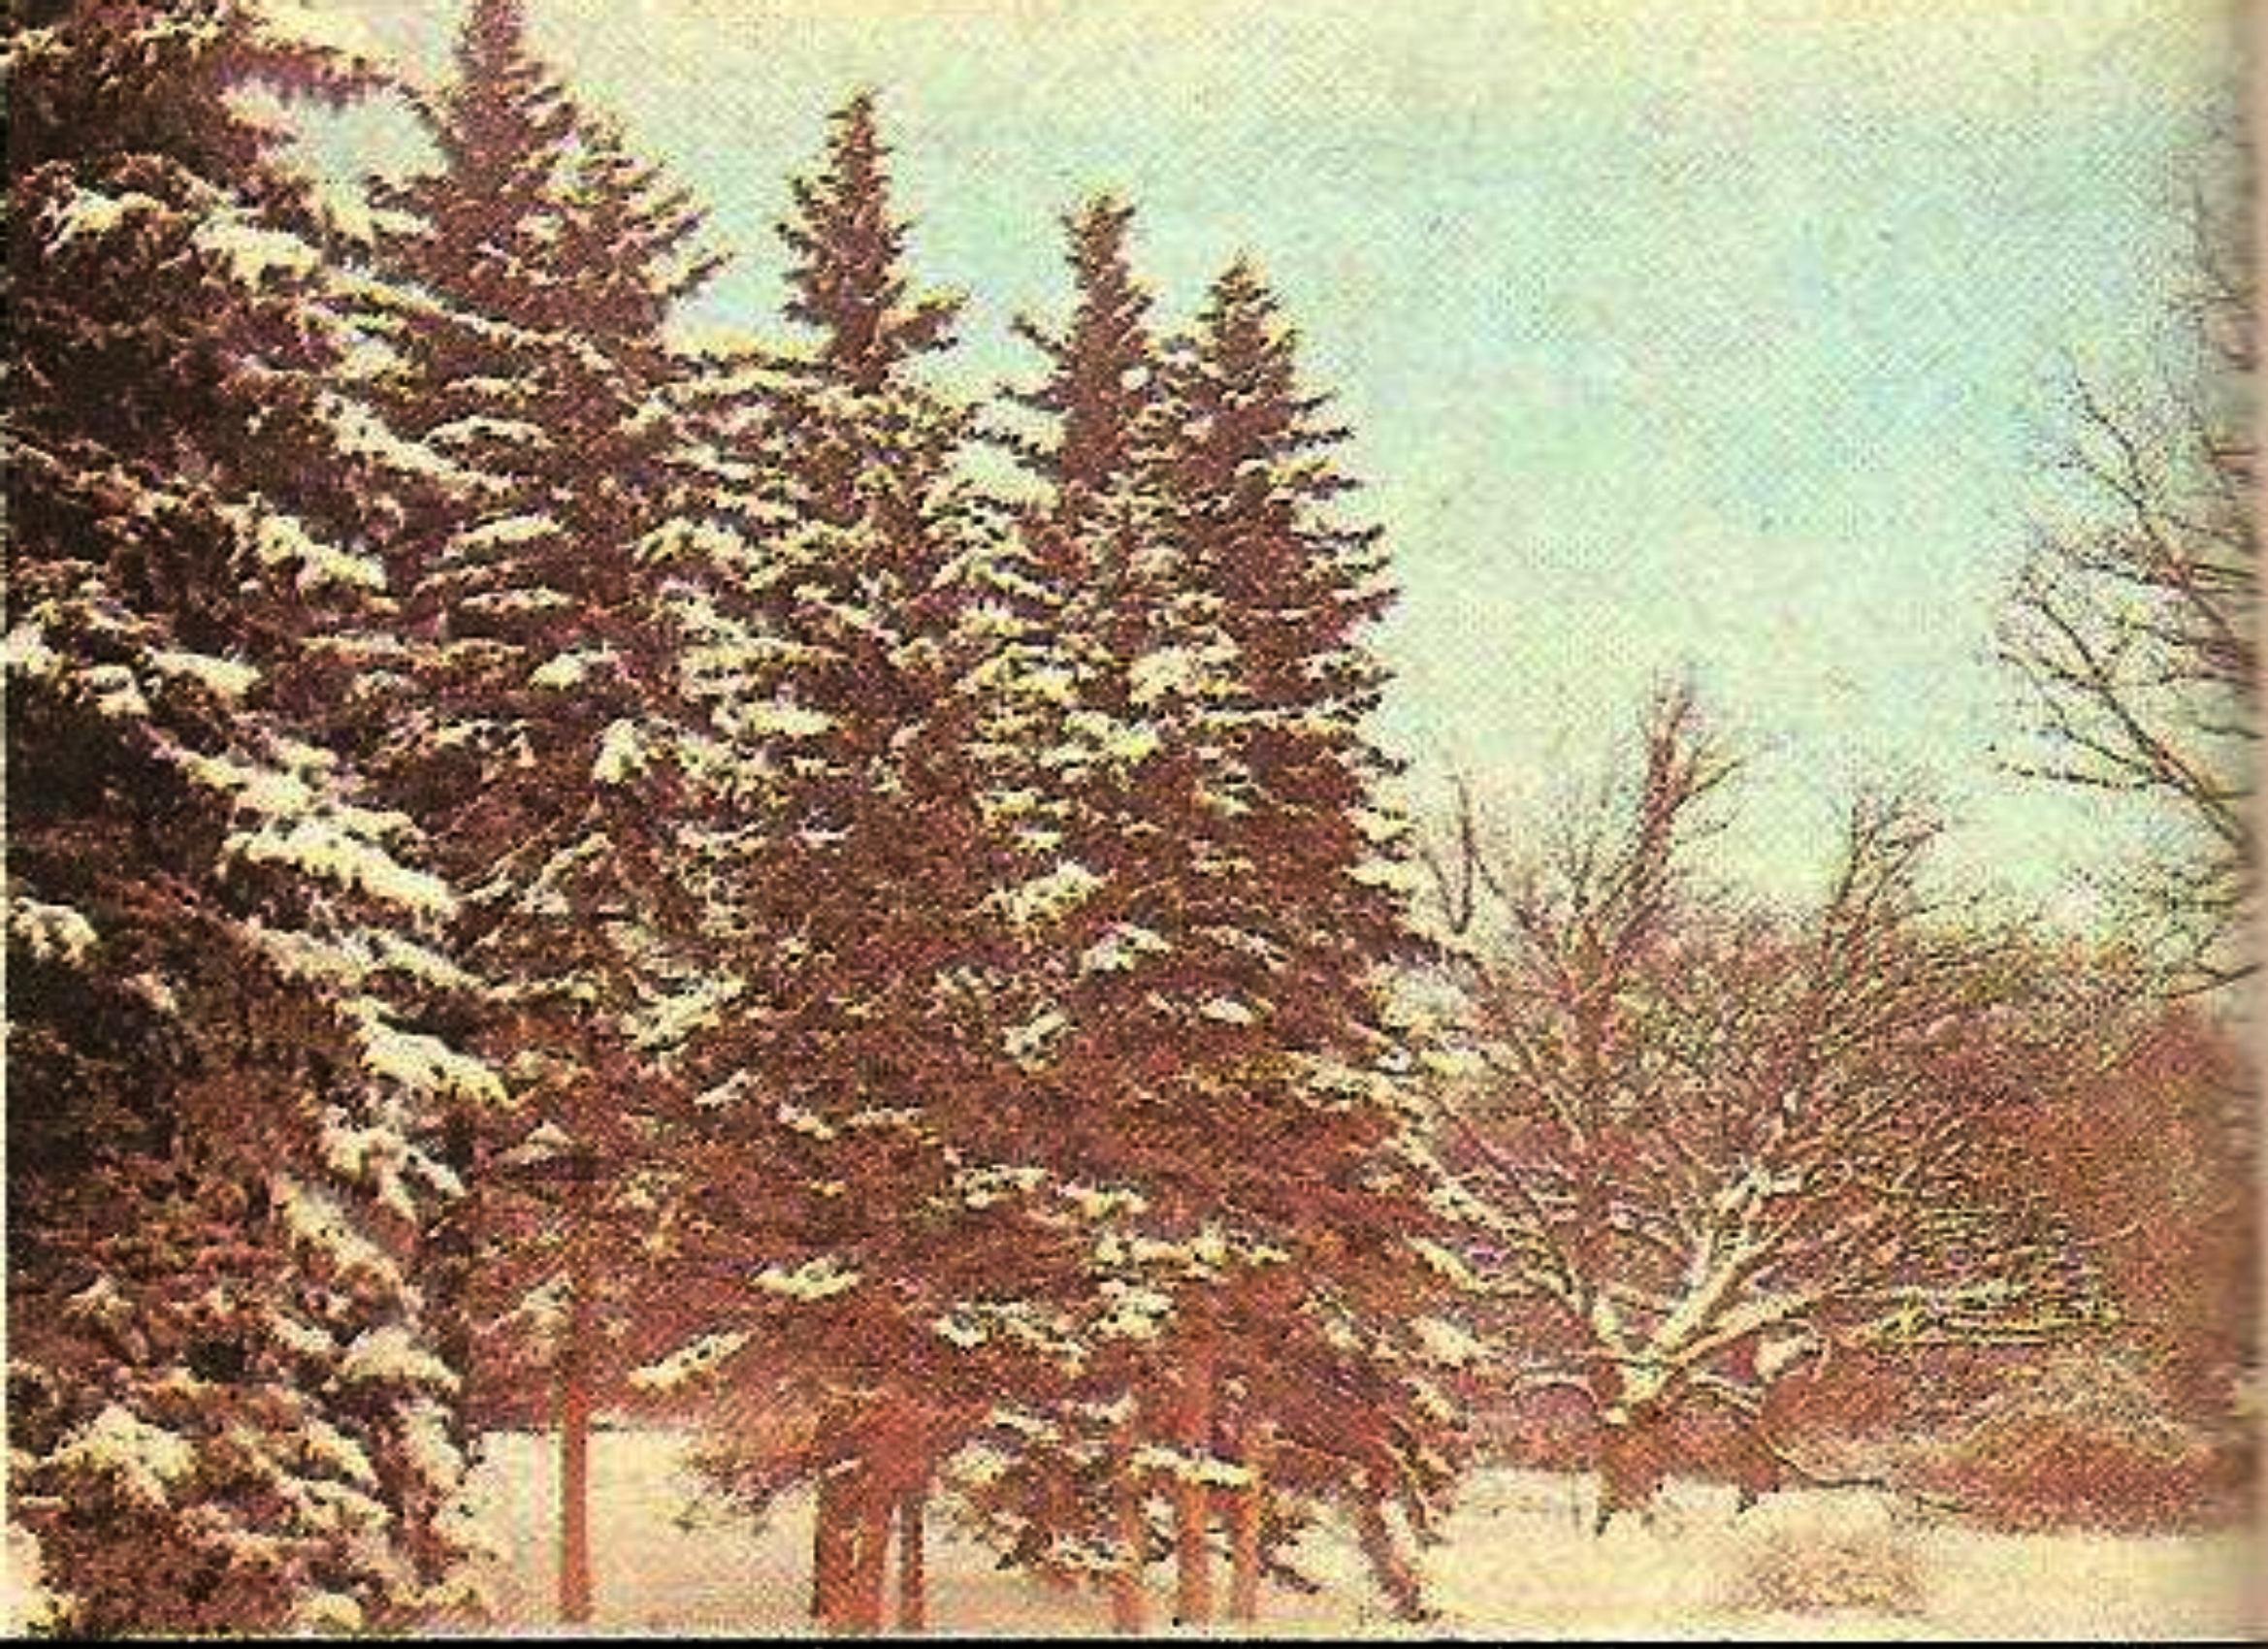 А хвойные деревья ярковыделяются на